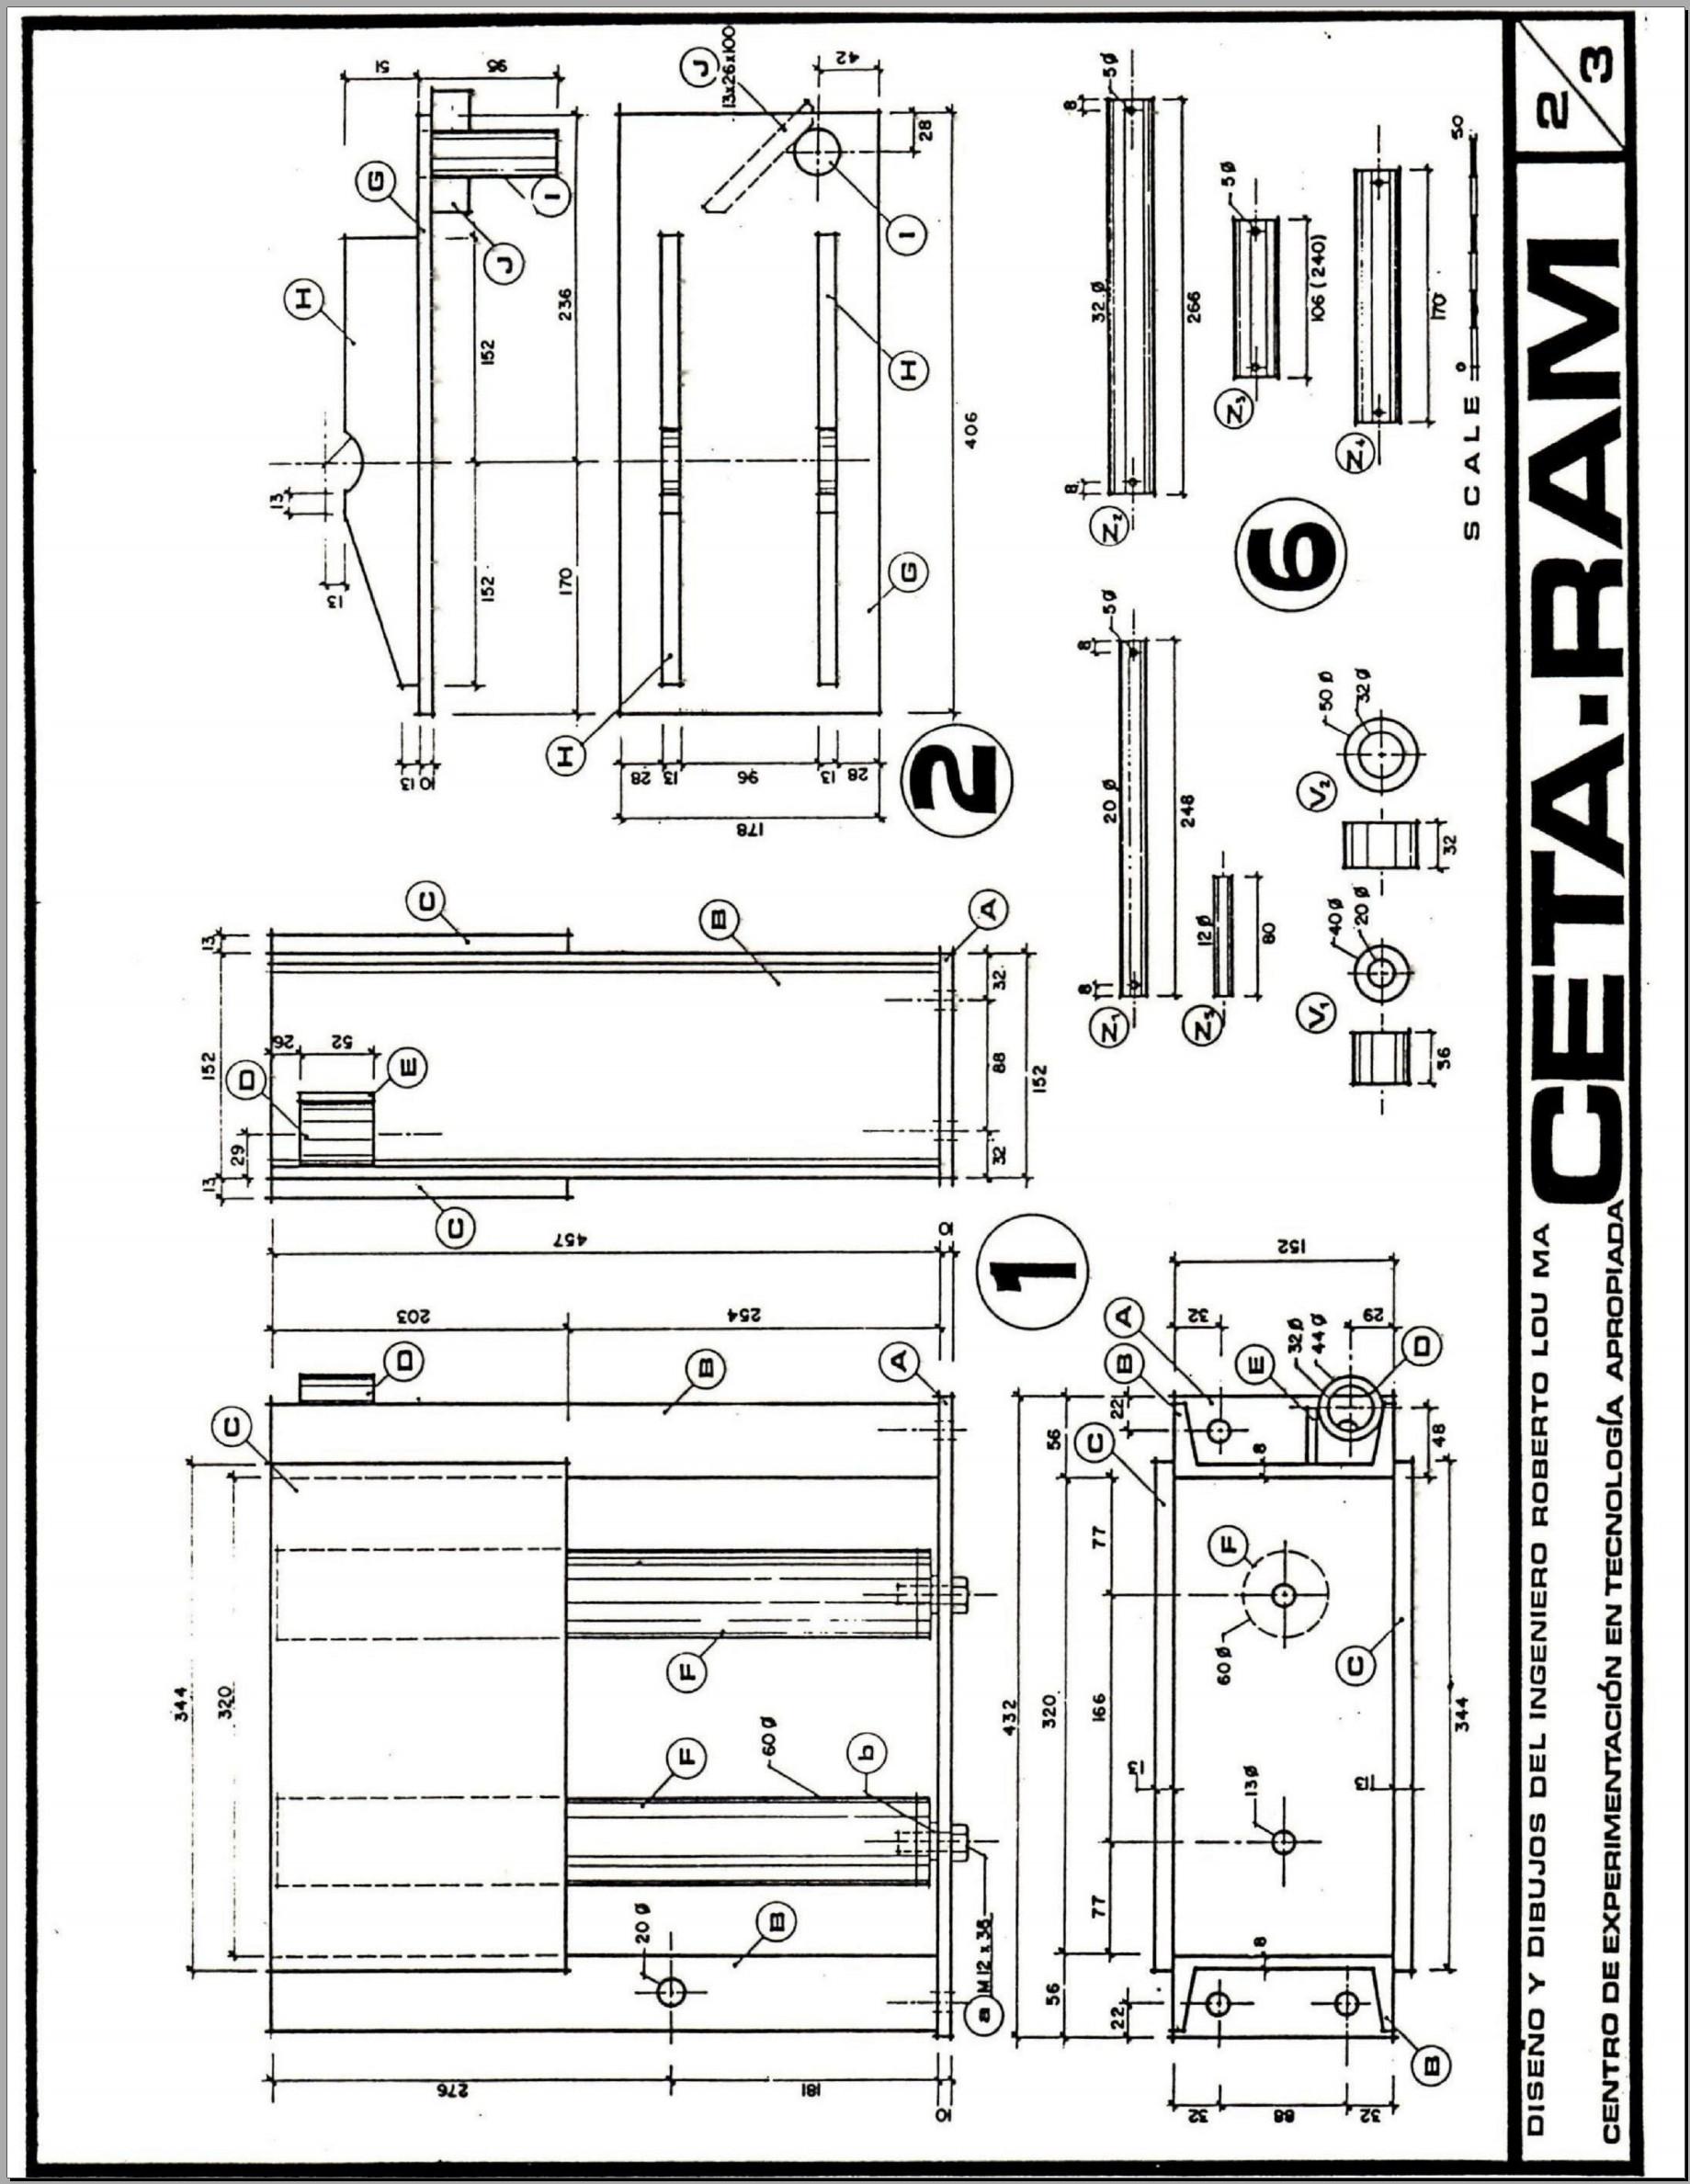 Станок для изготовления лего кирпича своими руками - moy-instrument.ru - обзор инструмента и техники